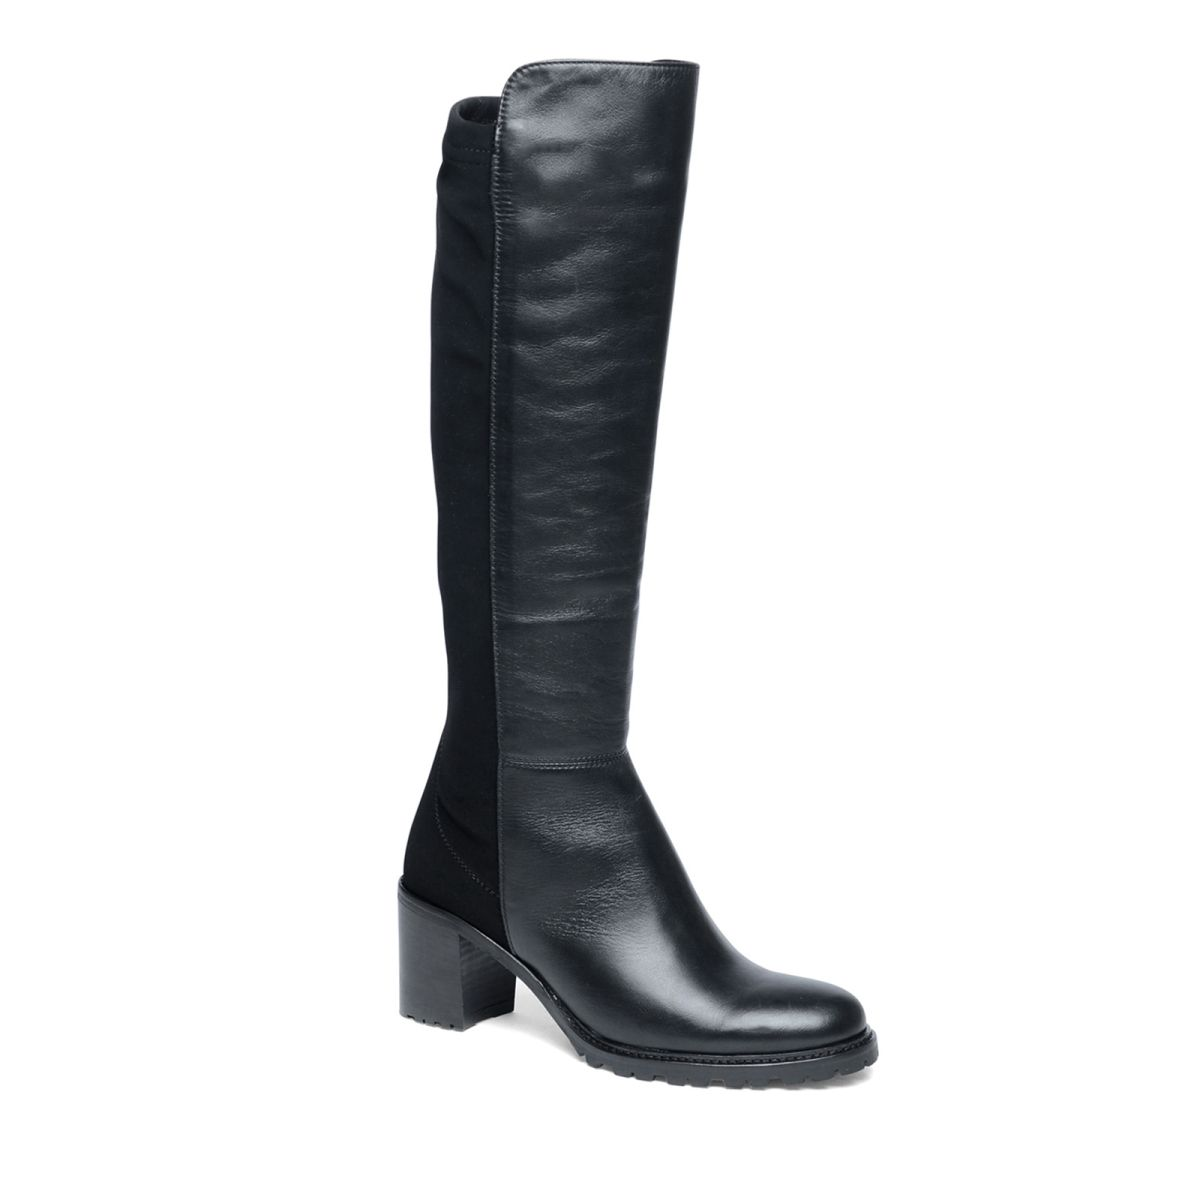 Zwarte laarzen met leer  Description: Deze zwarte laarzen van het merk Manfield zijn perfect! De laarzen hebben een binnenzijde van leer en een buitenzijde van leer. De achterzijde van de laars is voorzien van een elastieken instap waardoor u de damesschoenen gemakkelijk aan en weer uit trekt. Combineer de laarzen onder een elegante jurk of rok. De maat valt normaal en de hakhoogte is 7 cm gemeten vanaf de hiel.  Price: 85.00  Meer informatie  #manfield